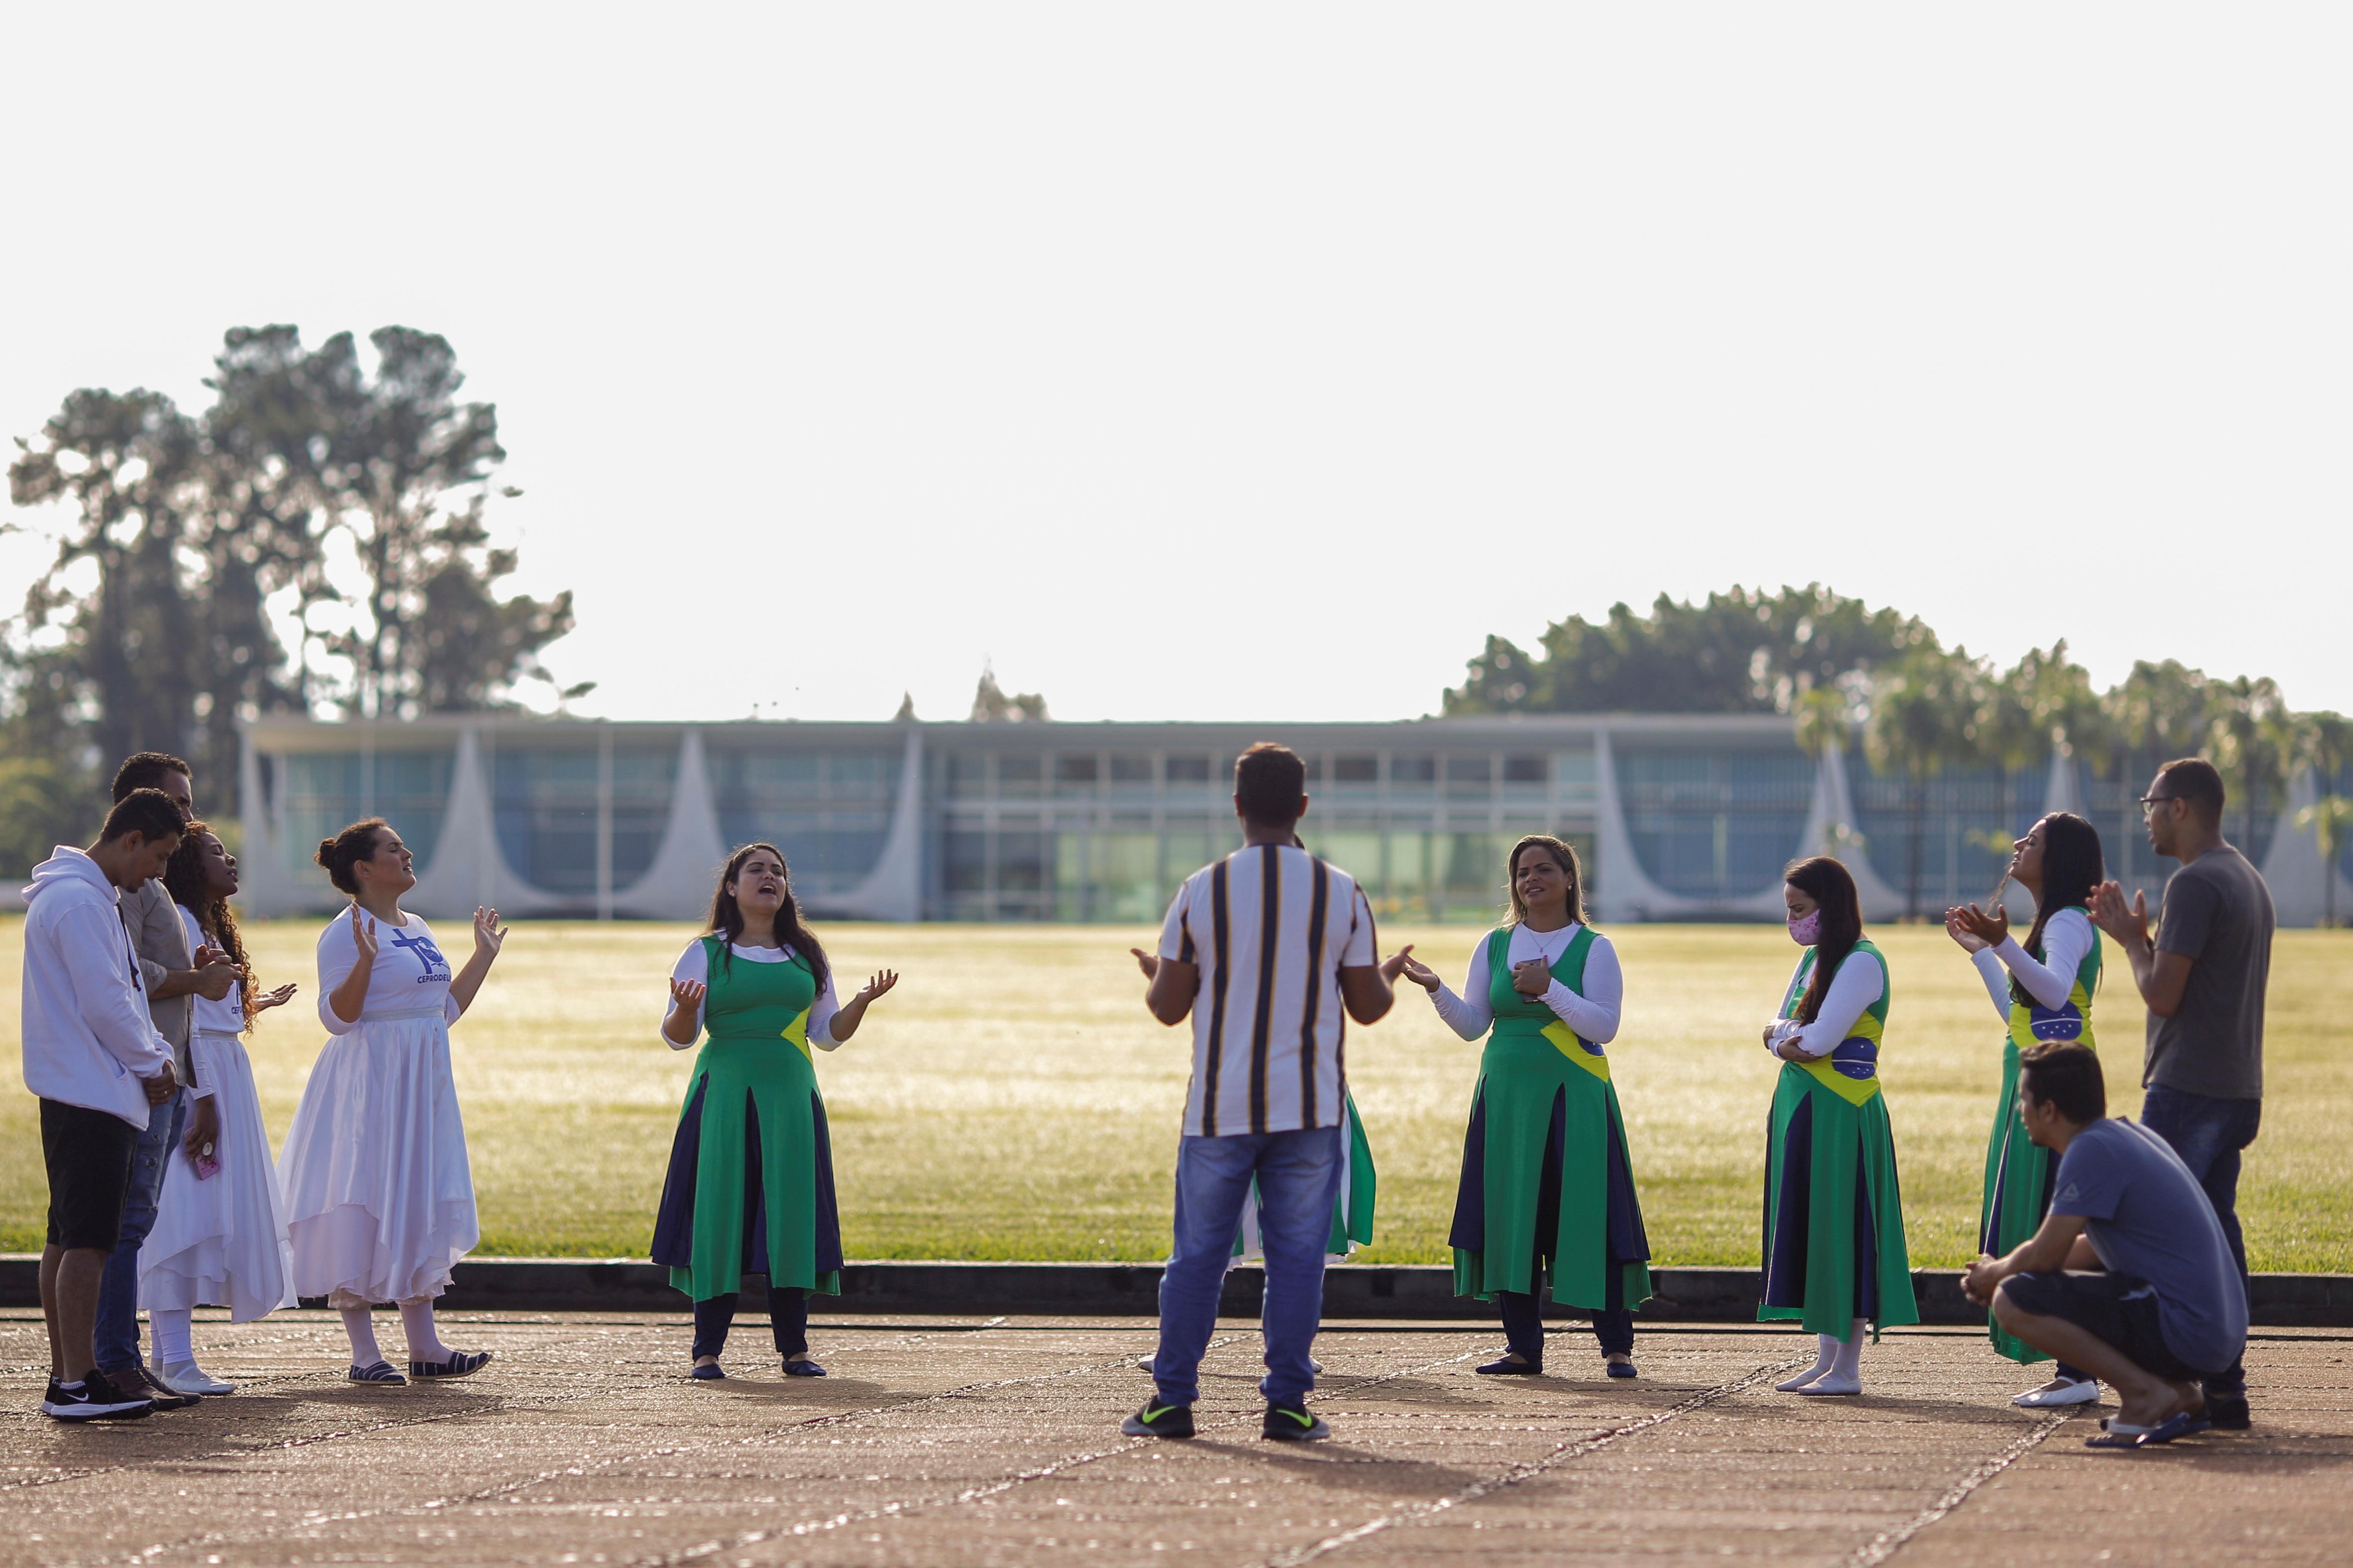 الإنجيليون يصلون أمام قصر الفورادا في برازيليا